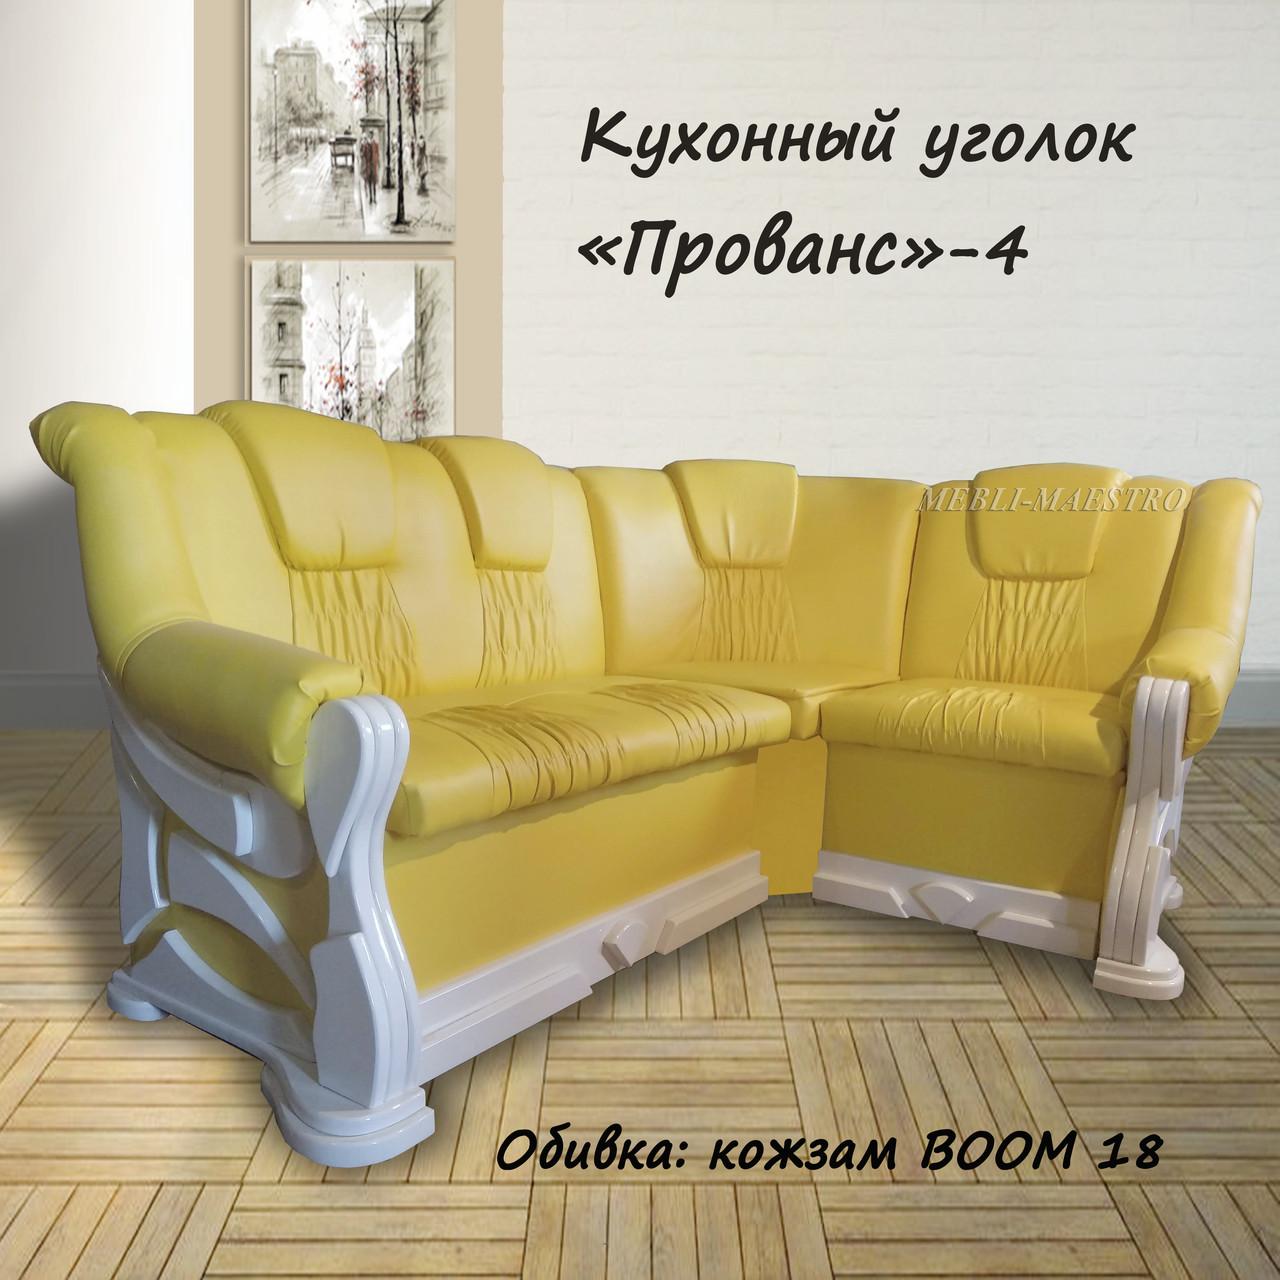 """Жовтий м'який кухонний куточок - """"Прованс""""-4"""